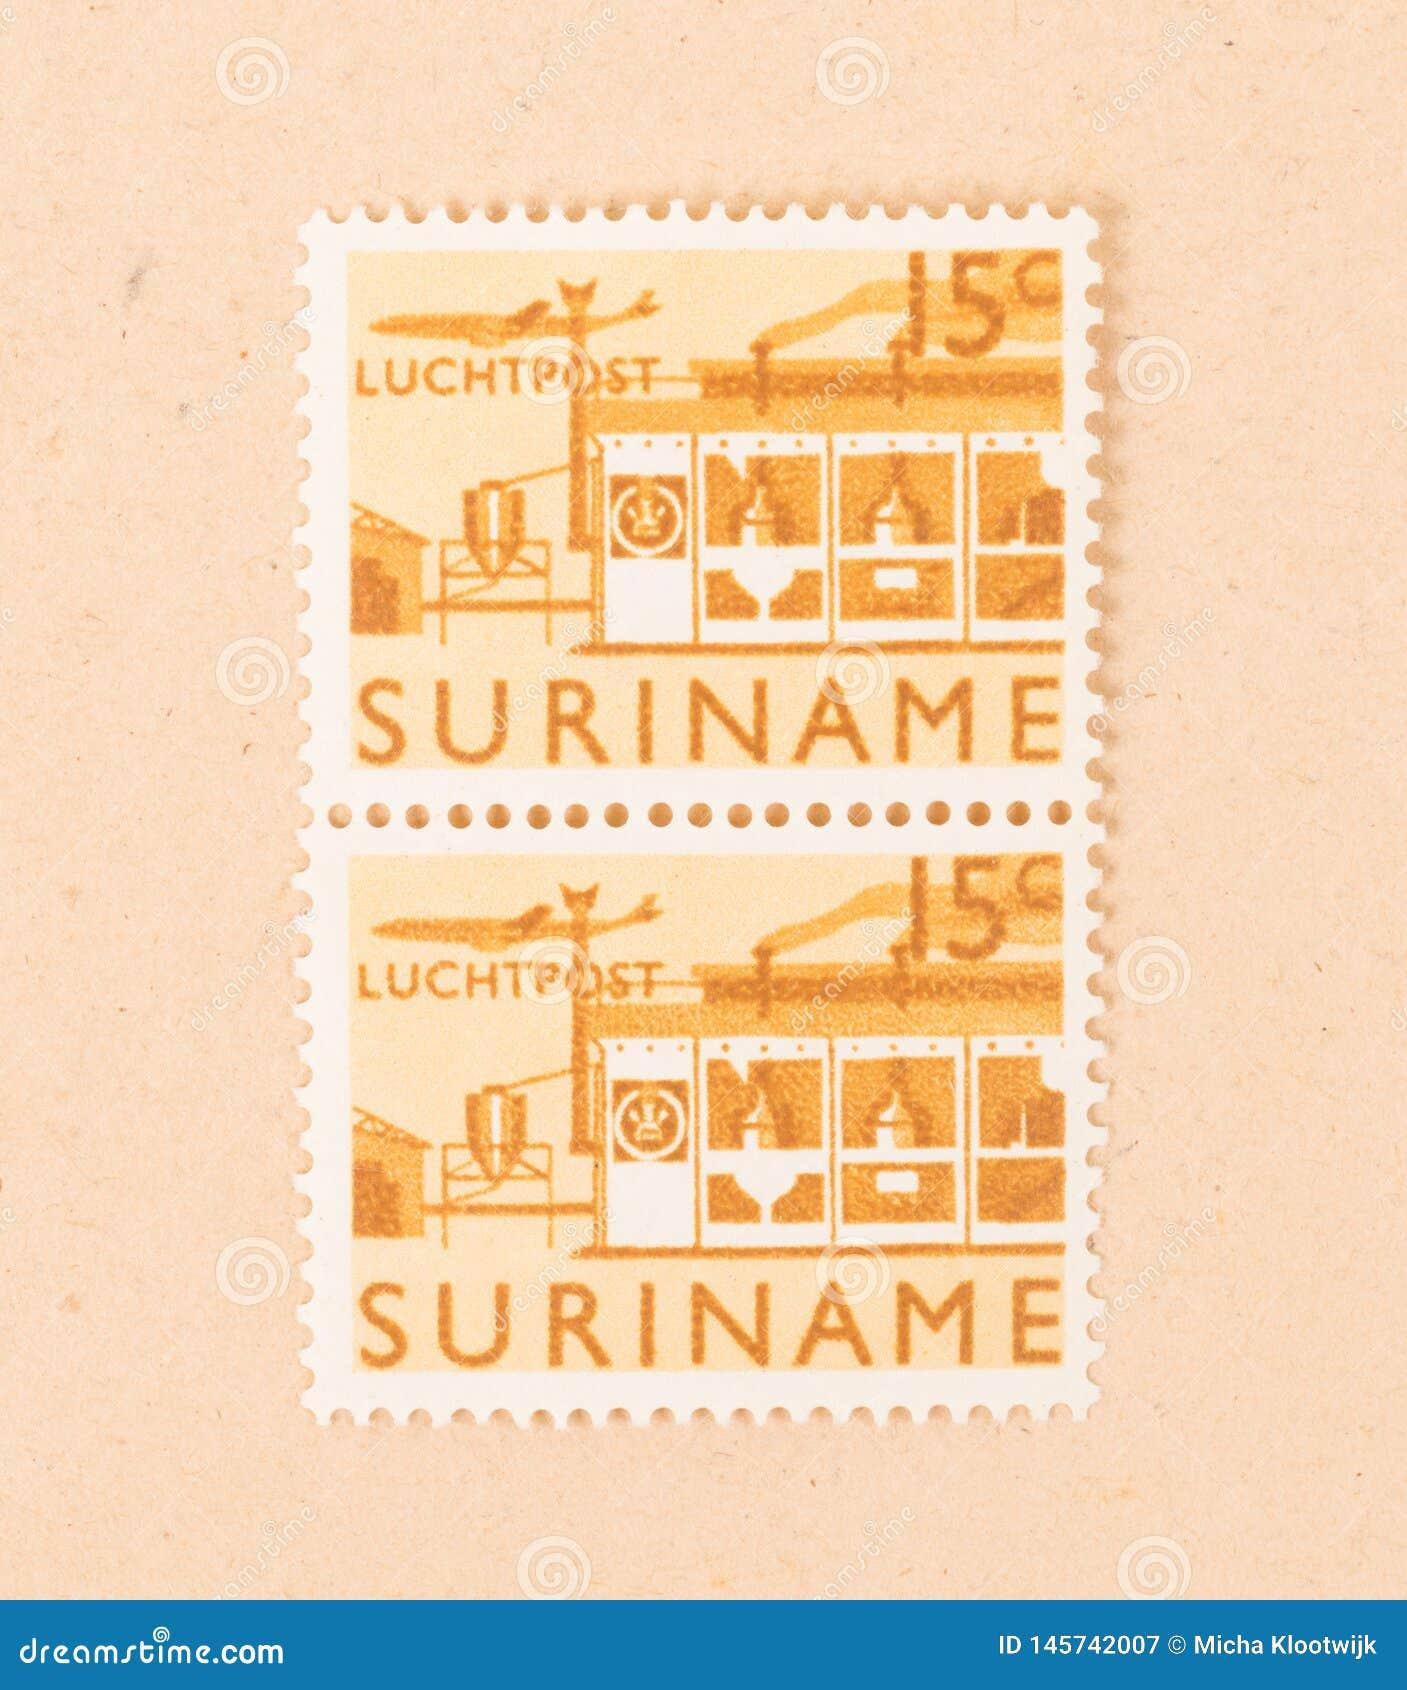 Znaczek drukujący w Suriname pokazuje fabrykę około 1970,